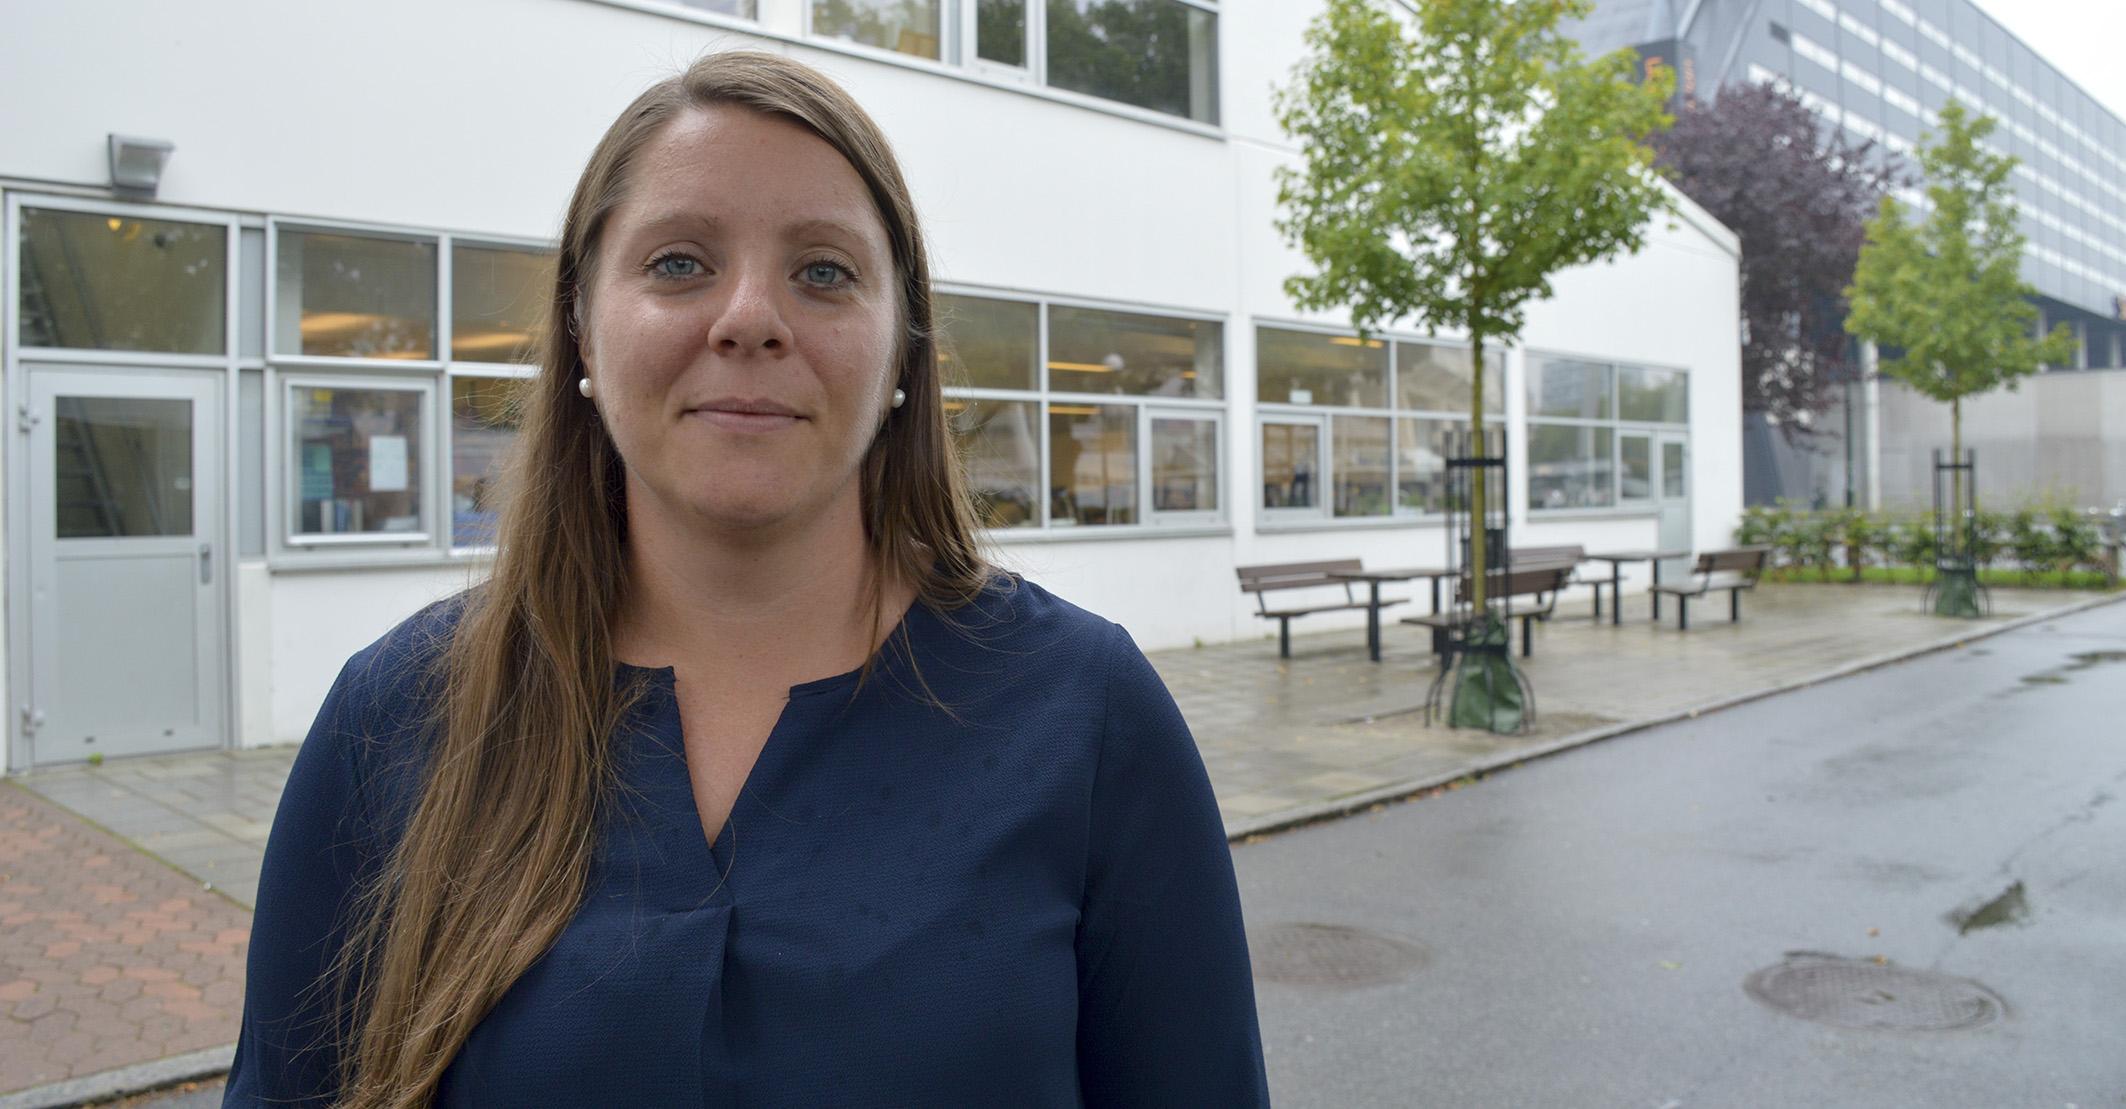 Kvinna framför skolbyggnad.